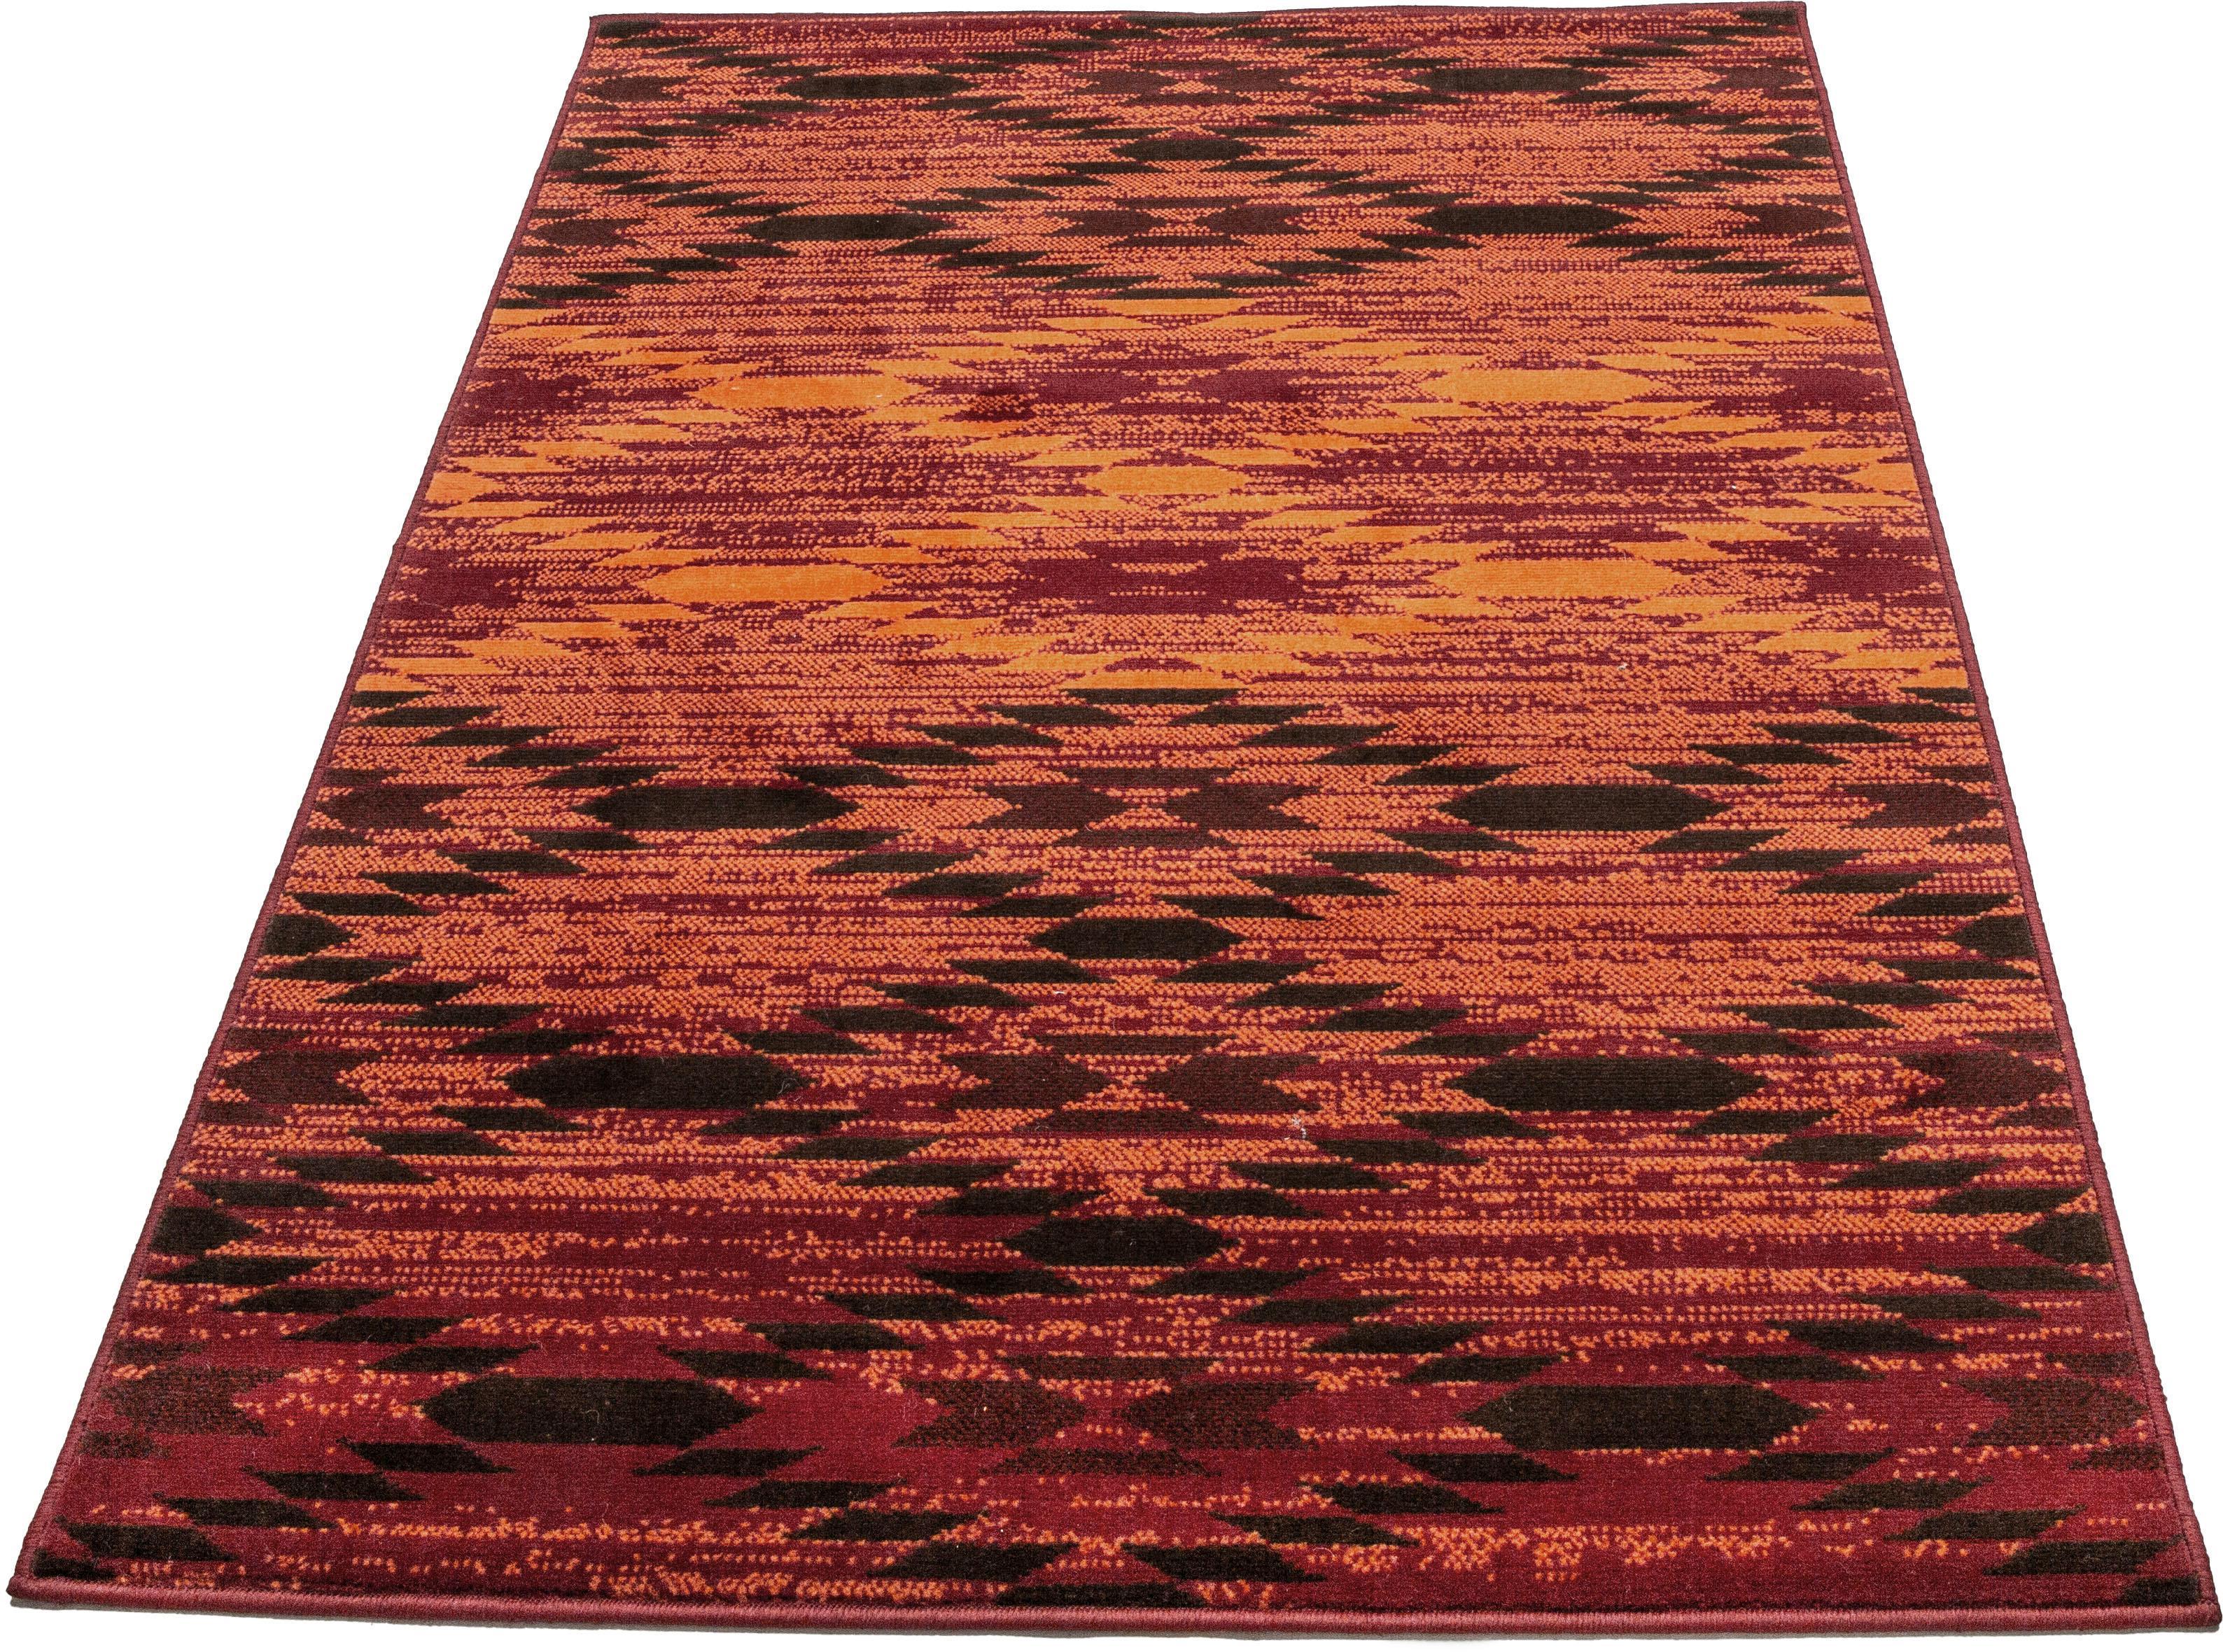 Teppich Leo einfach Schöner Farbwelten rechteckig Höhe 8 mm maschinell gewebt